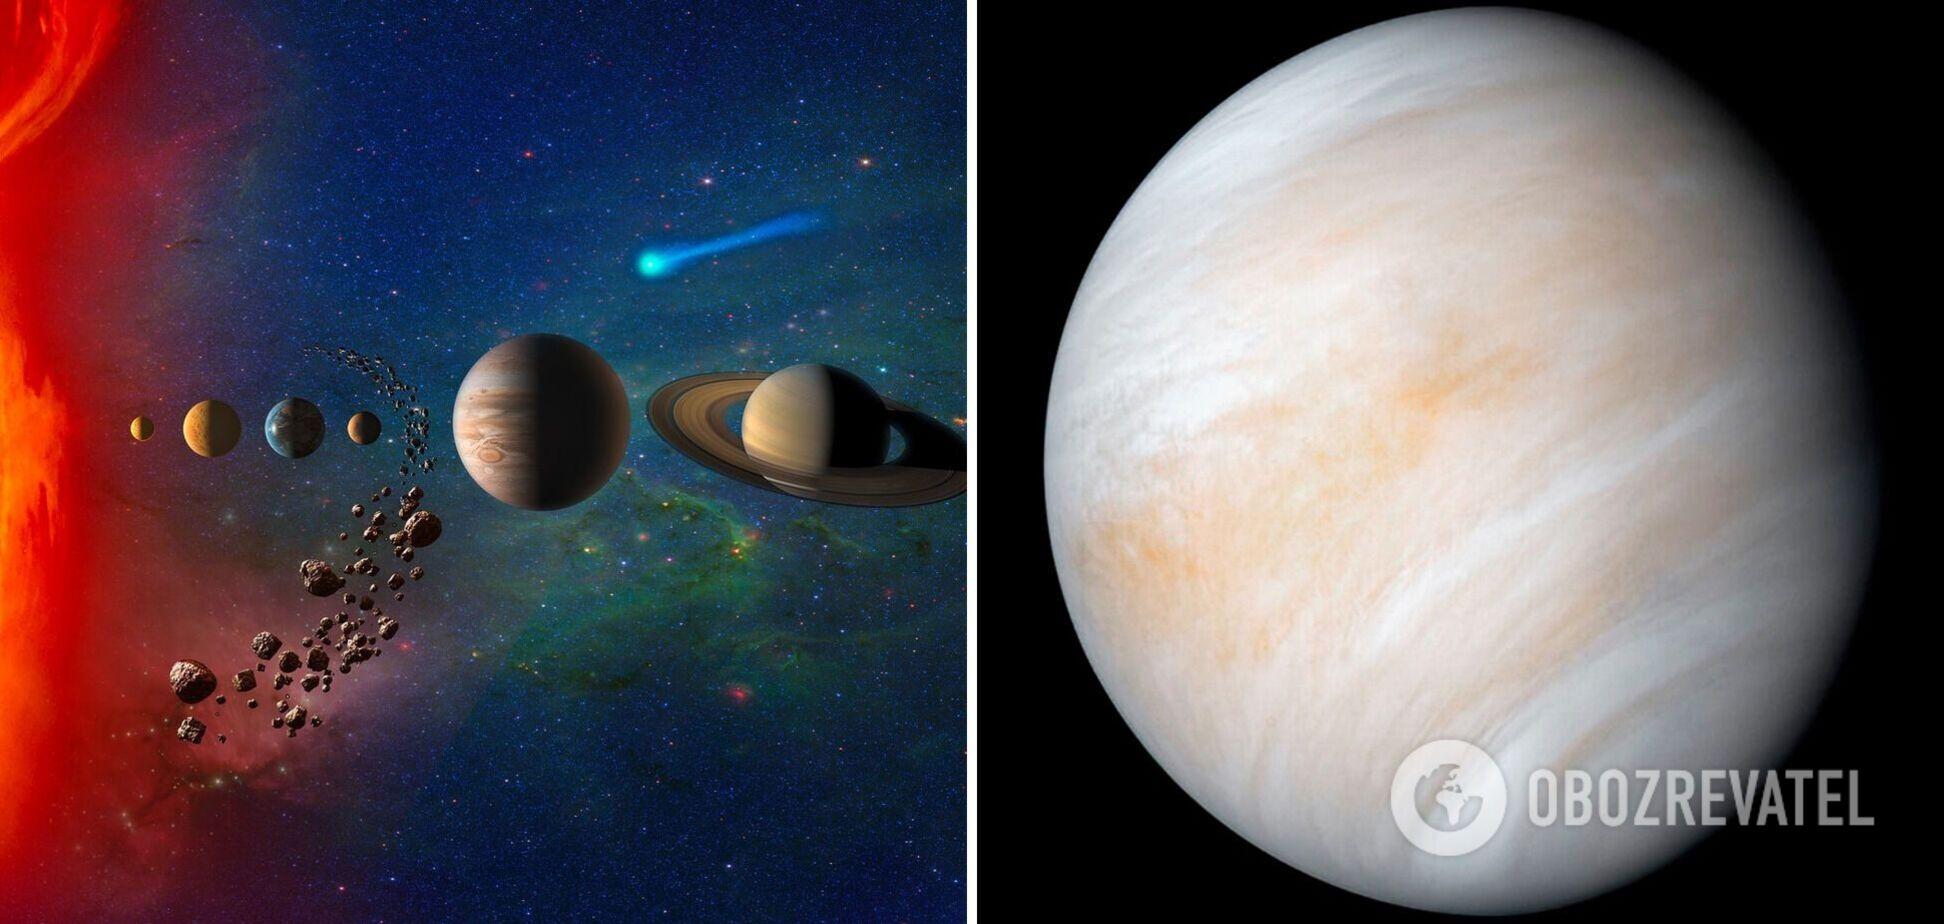 Ученые нашли потенциальные признаки существования жизни на Венере